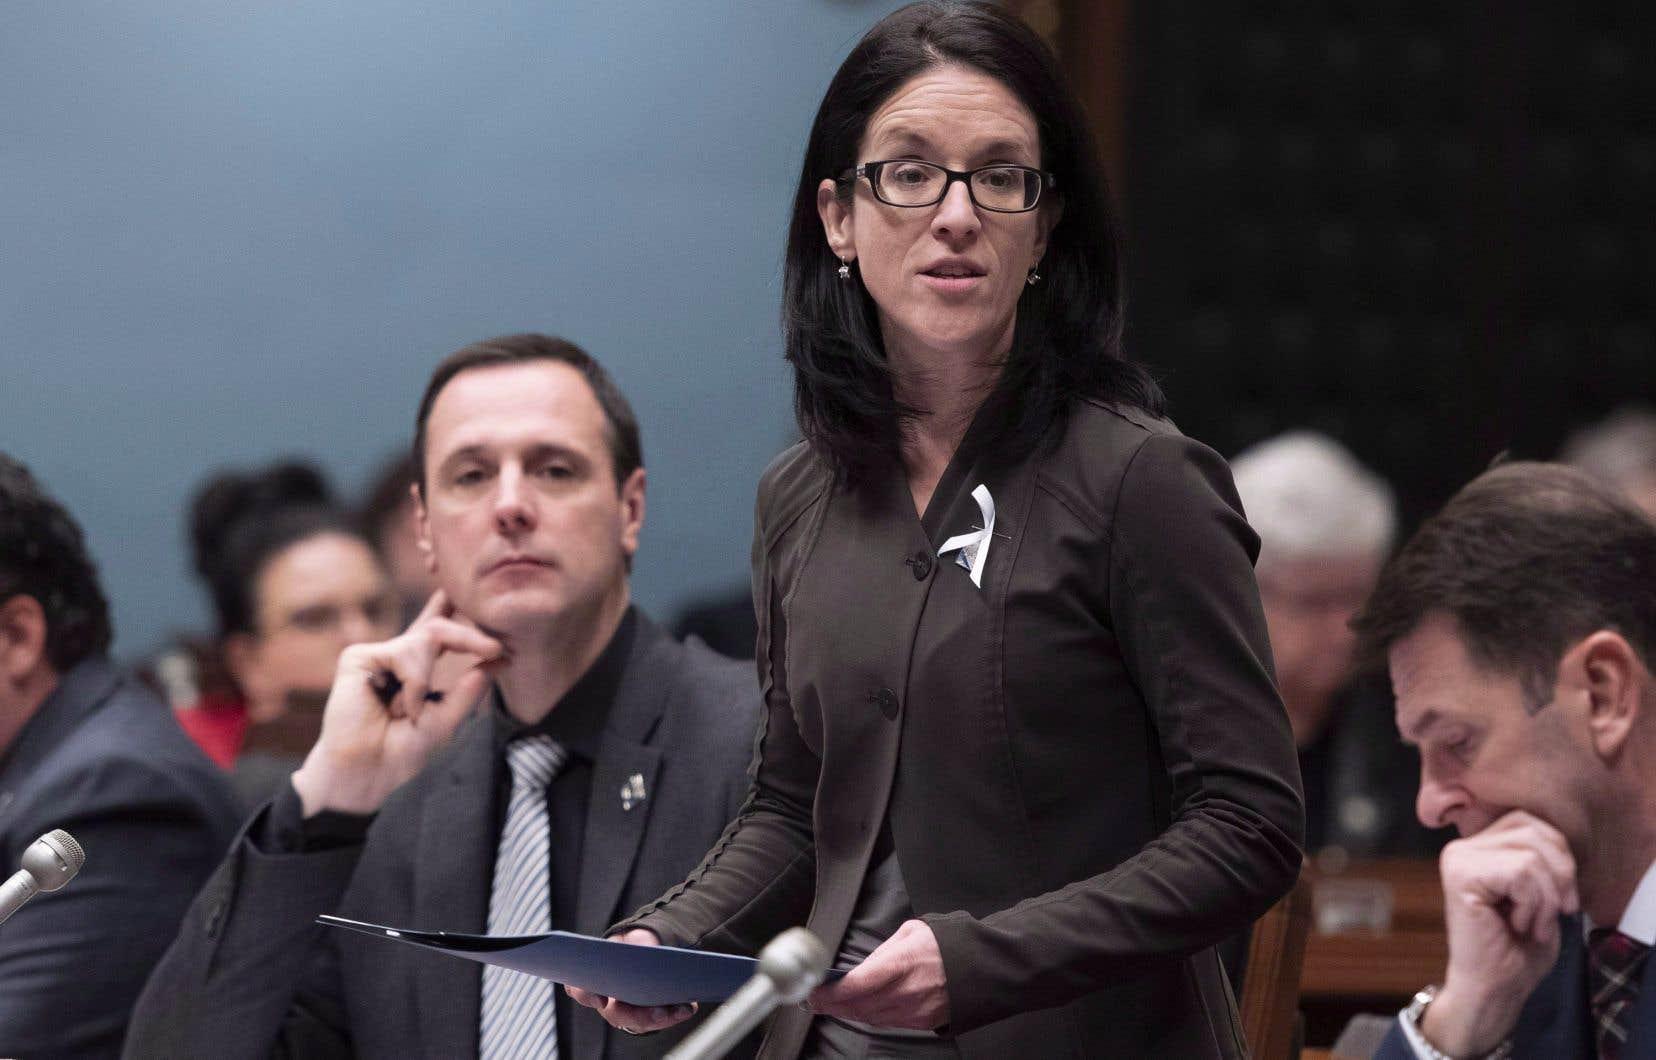 À l'issue du processus, deux projets de loi seront déposés, mais la ministre de la Justice, Sonia LeBel, n'a pas voulu promettre qu'ils seront adoptés d'ici quatre ans.